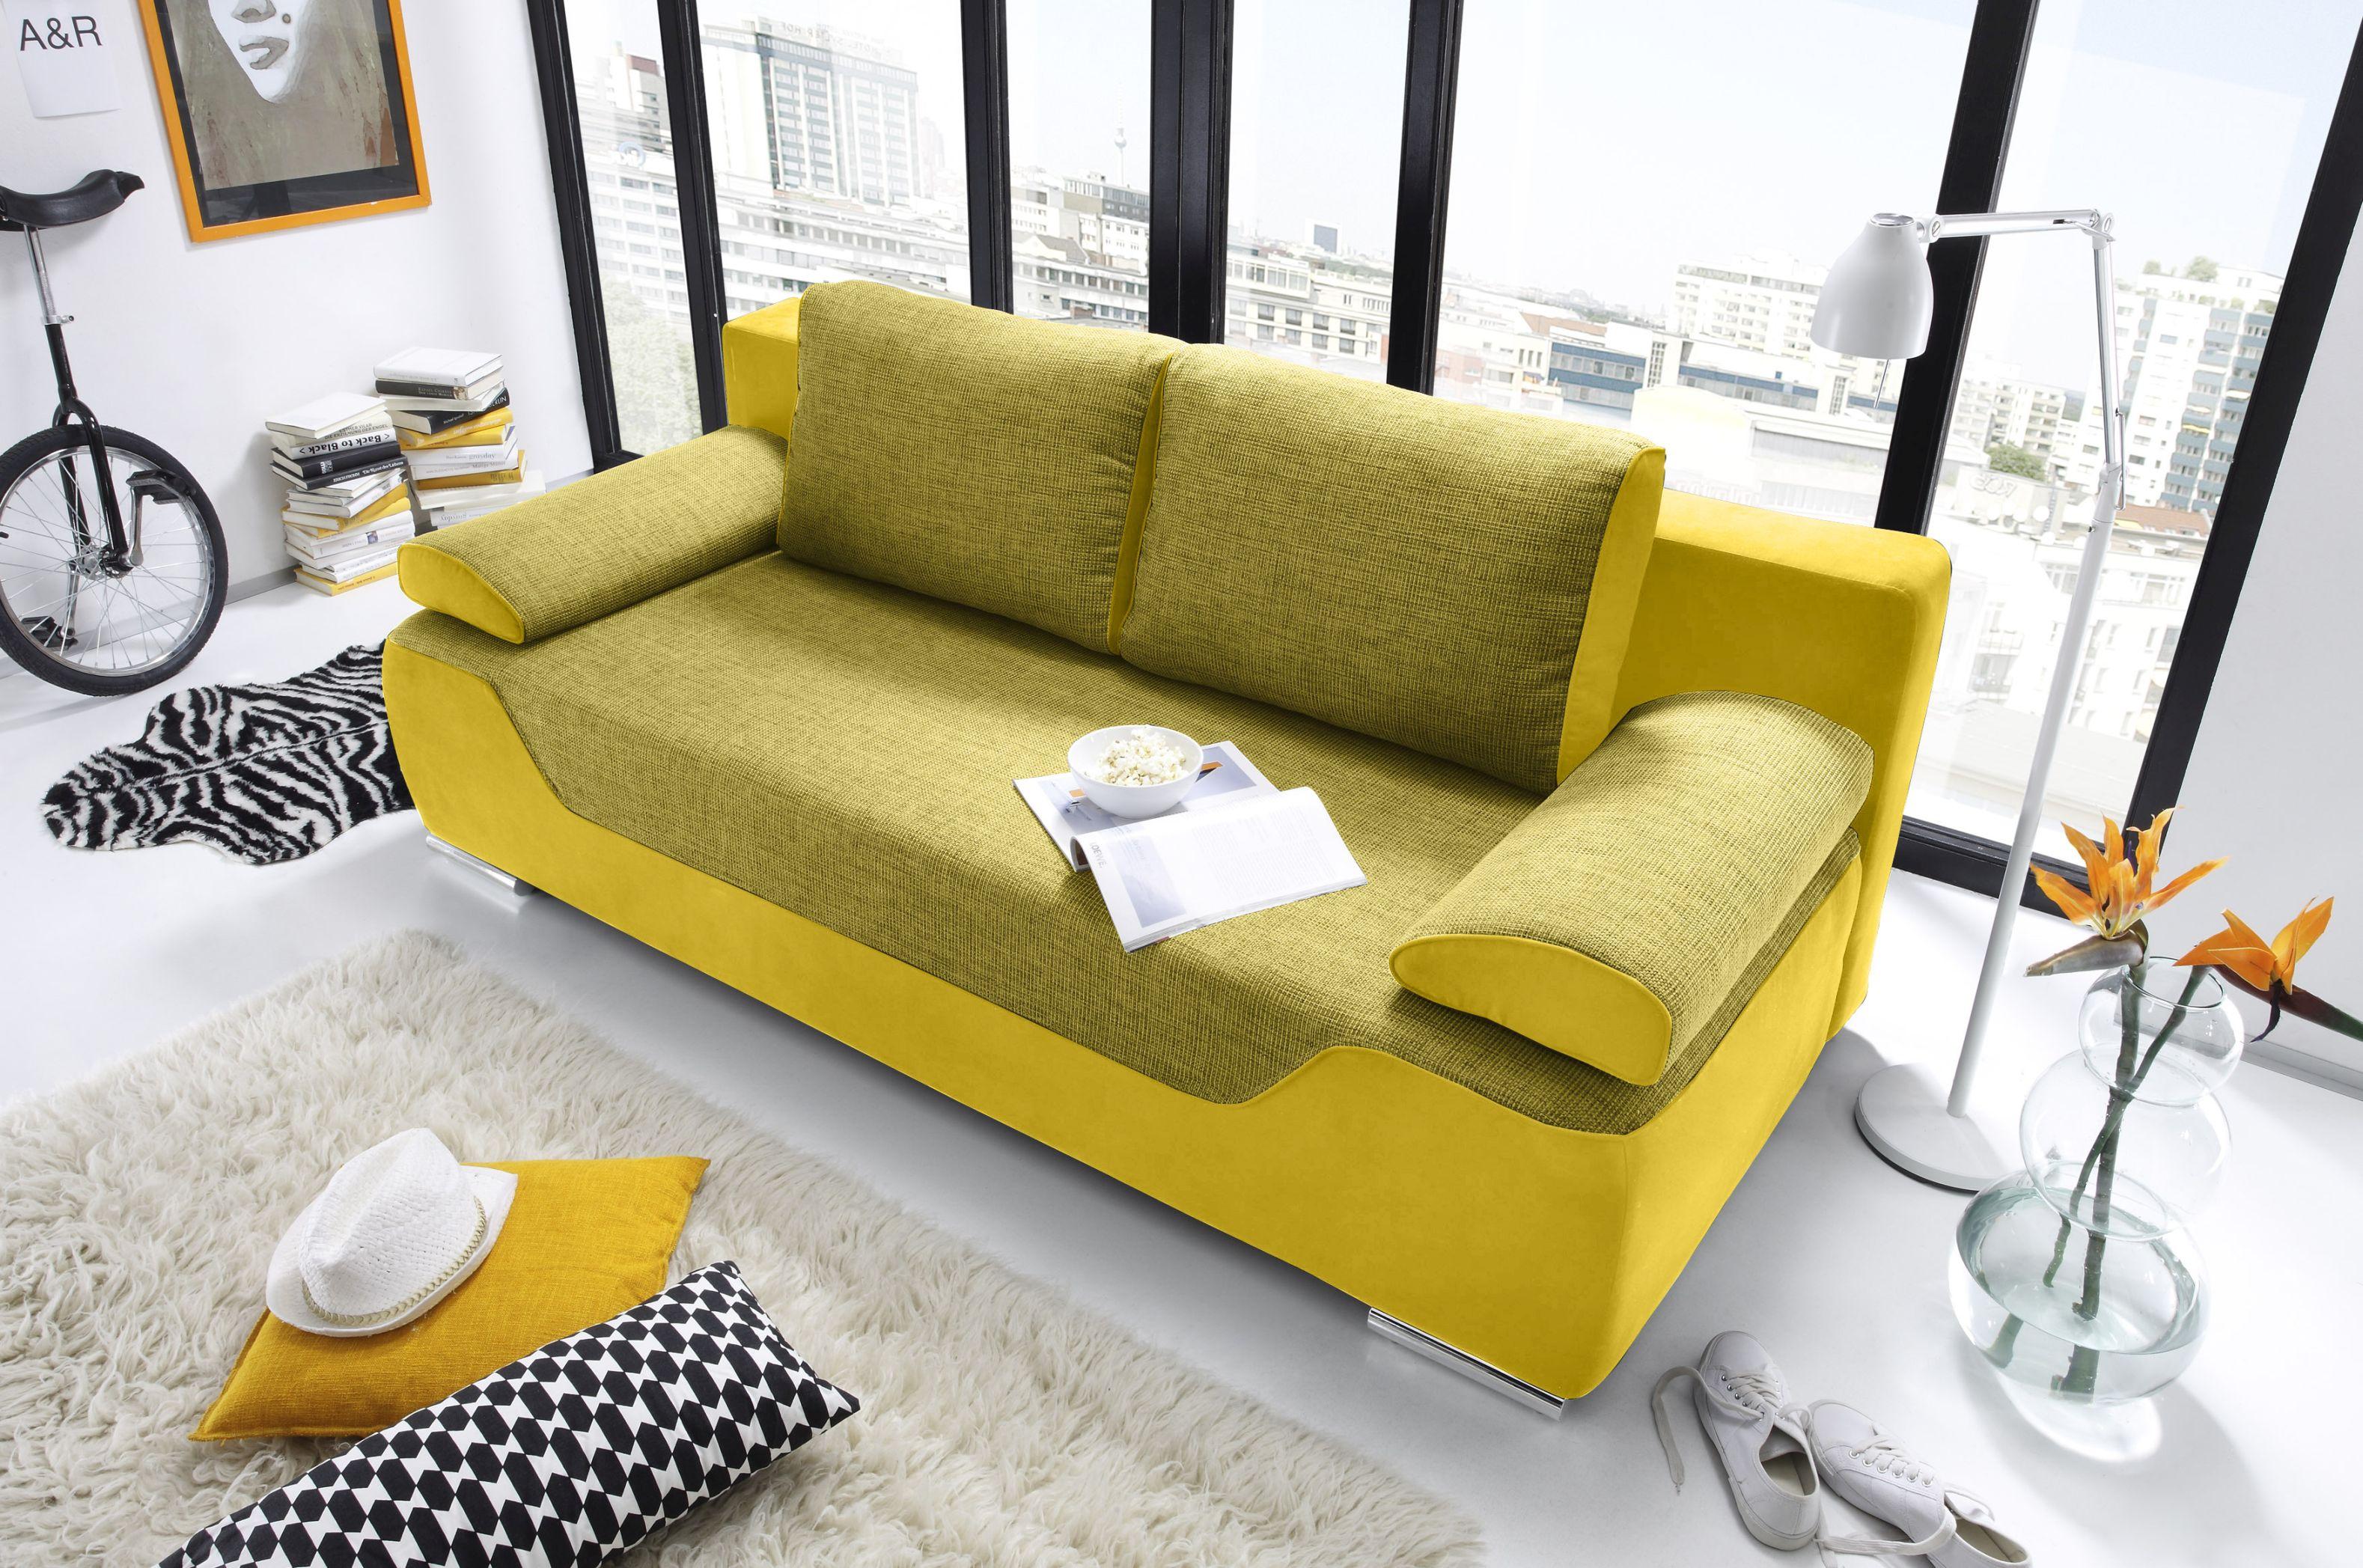 Couch Schlafsofa Sofabett Funktionssofa ausziehbar gelb ...